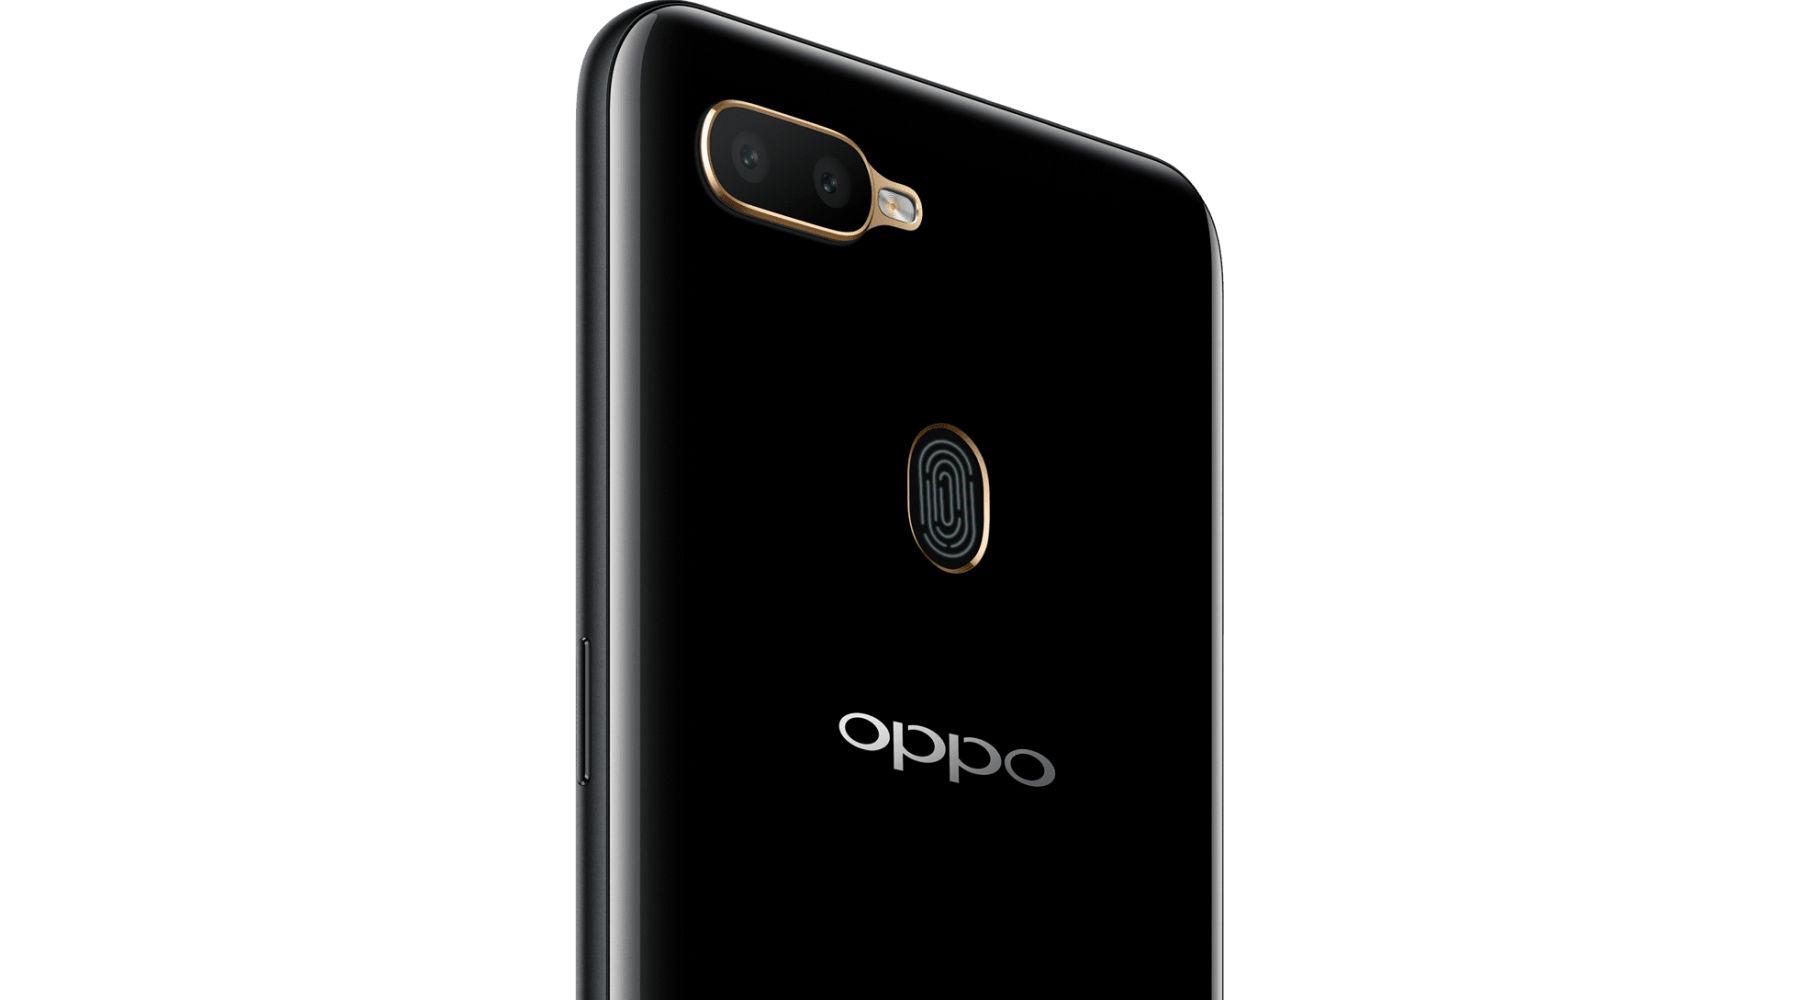 OPPO A5s Camera Rear Fingerprint Scanner